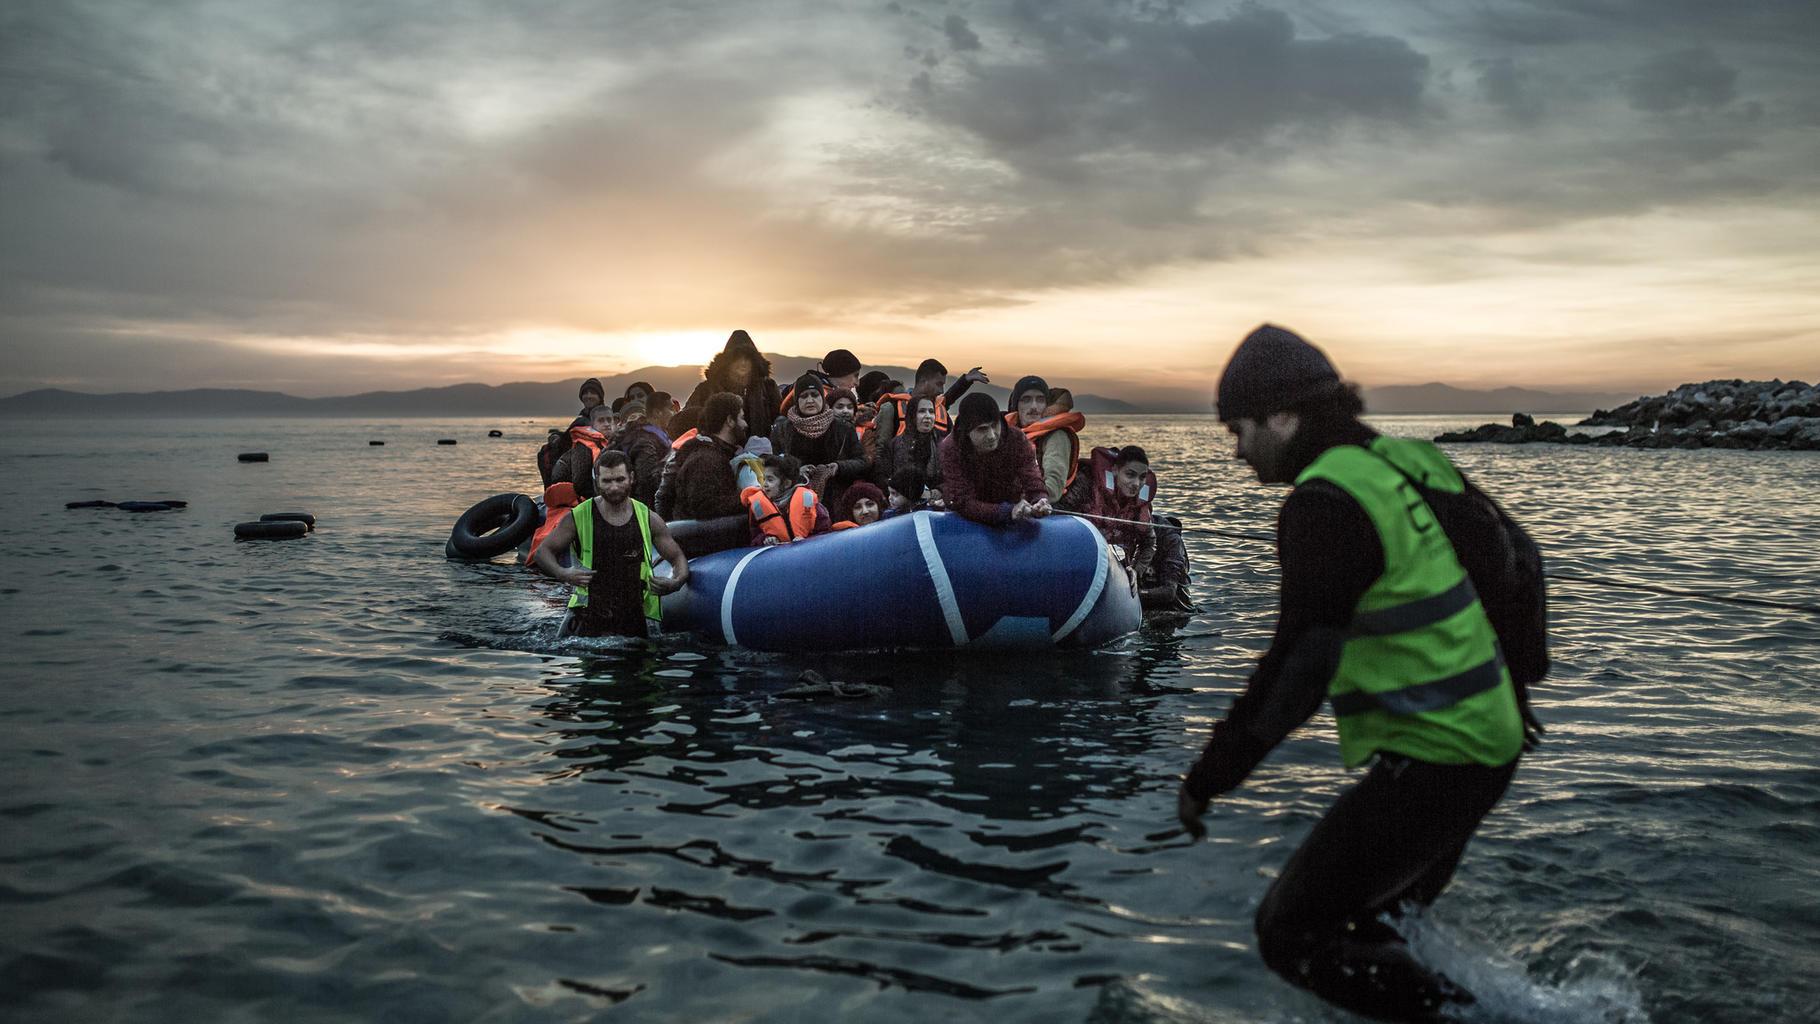 """Accordo Ue-Turchia sui migranti, un anno dopo: """"Un fallimento sul piano dei diritti umani"""""""